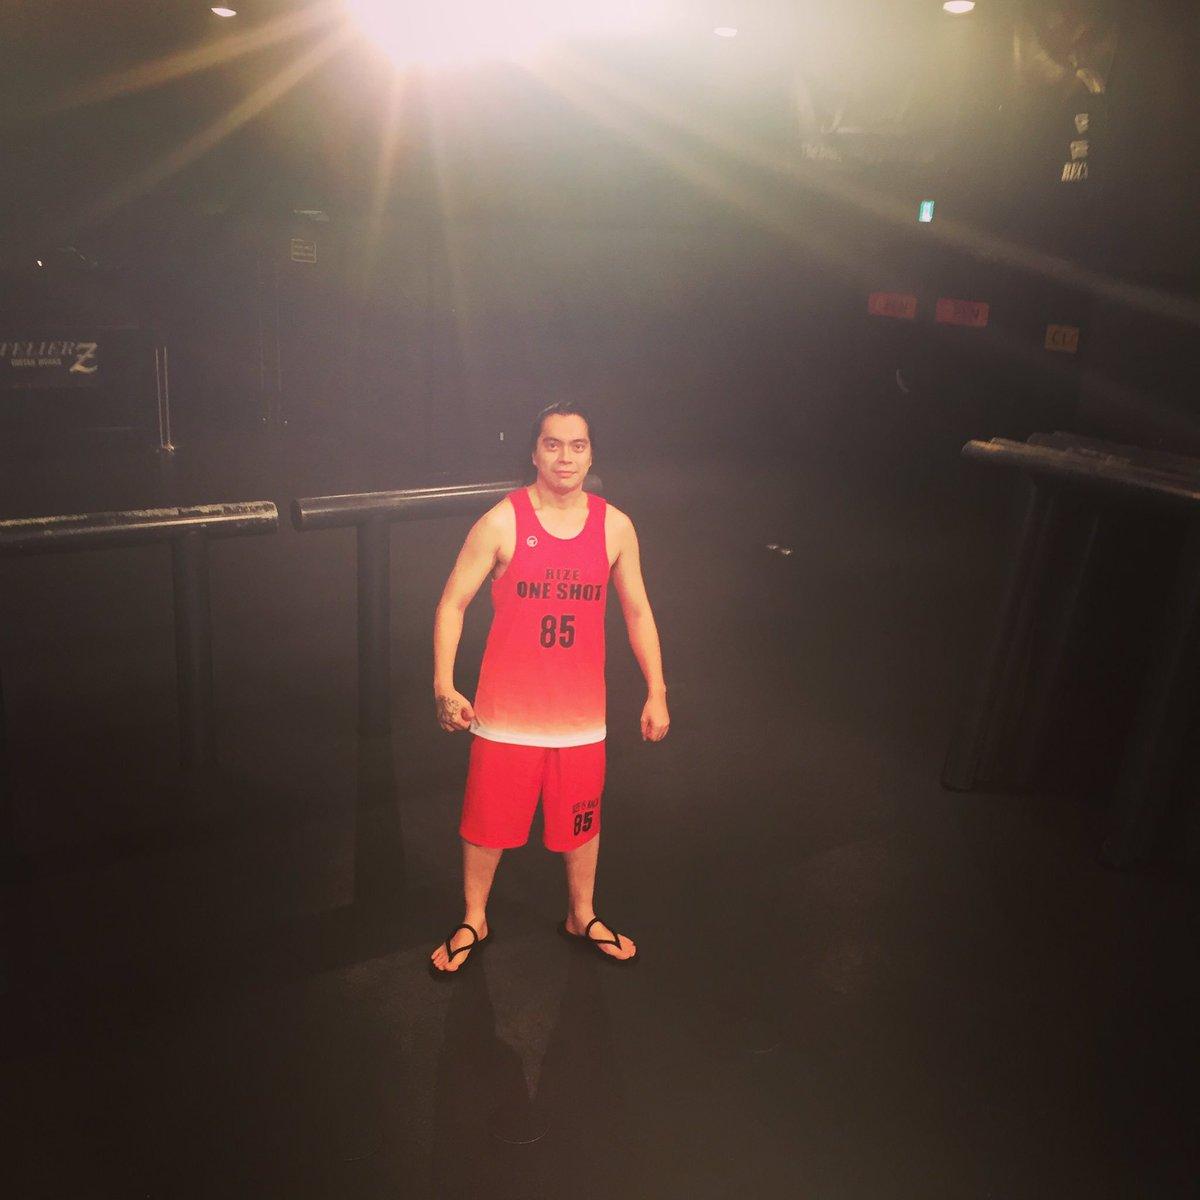 今日のリハ中に謎の凄腕バスケプレーヤーが登場しました。 https://t.co/Jyj4YDWMEG